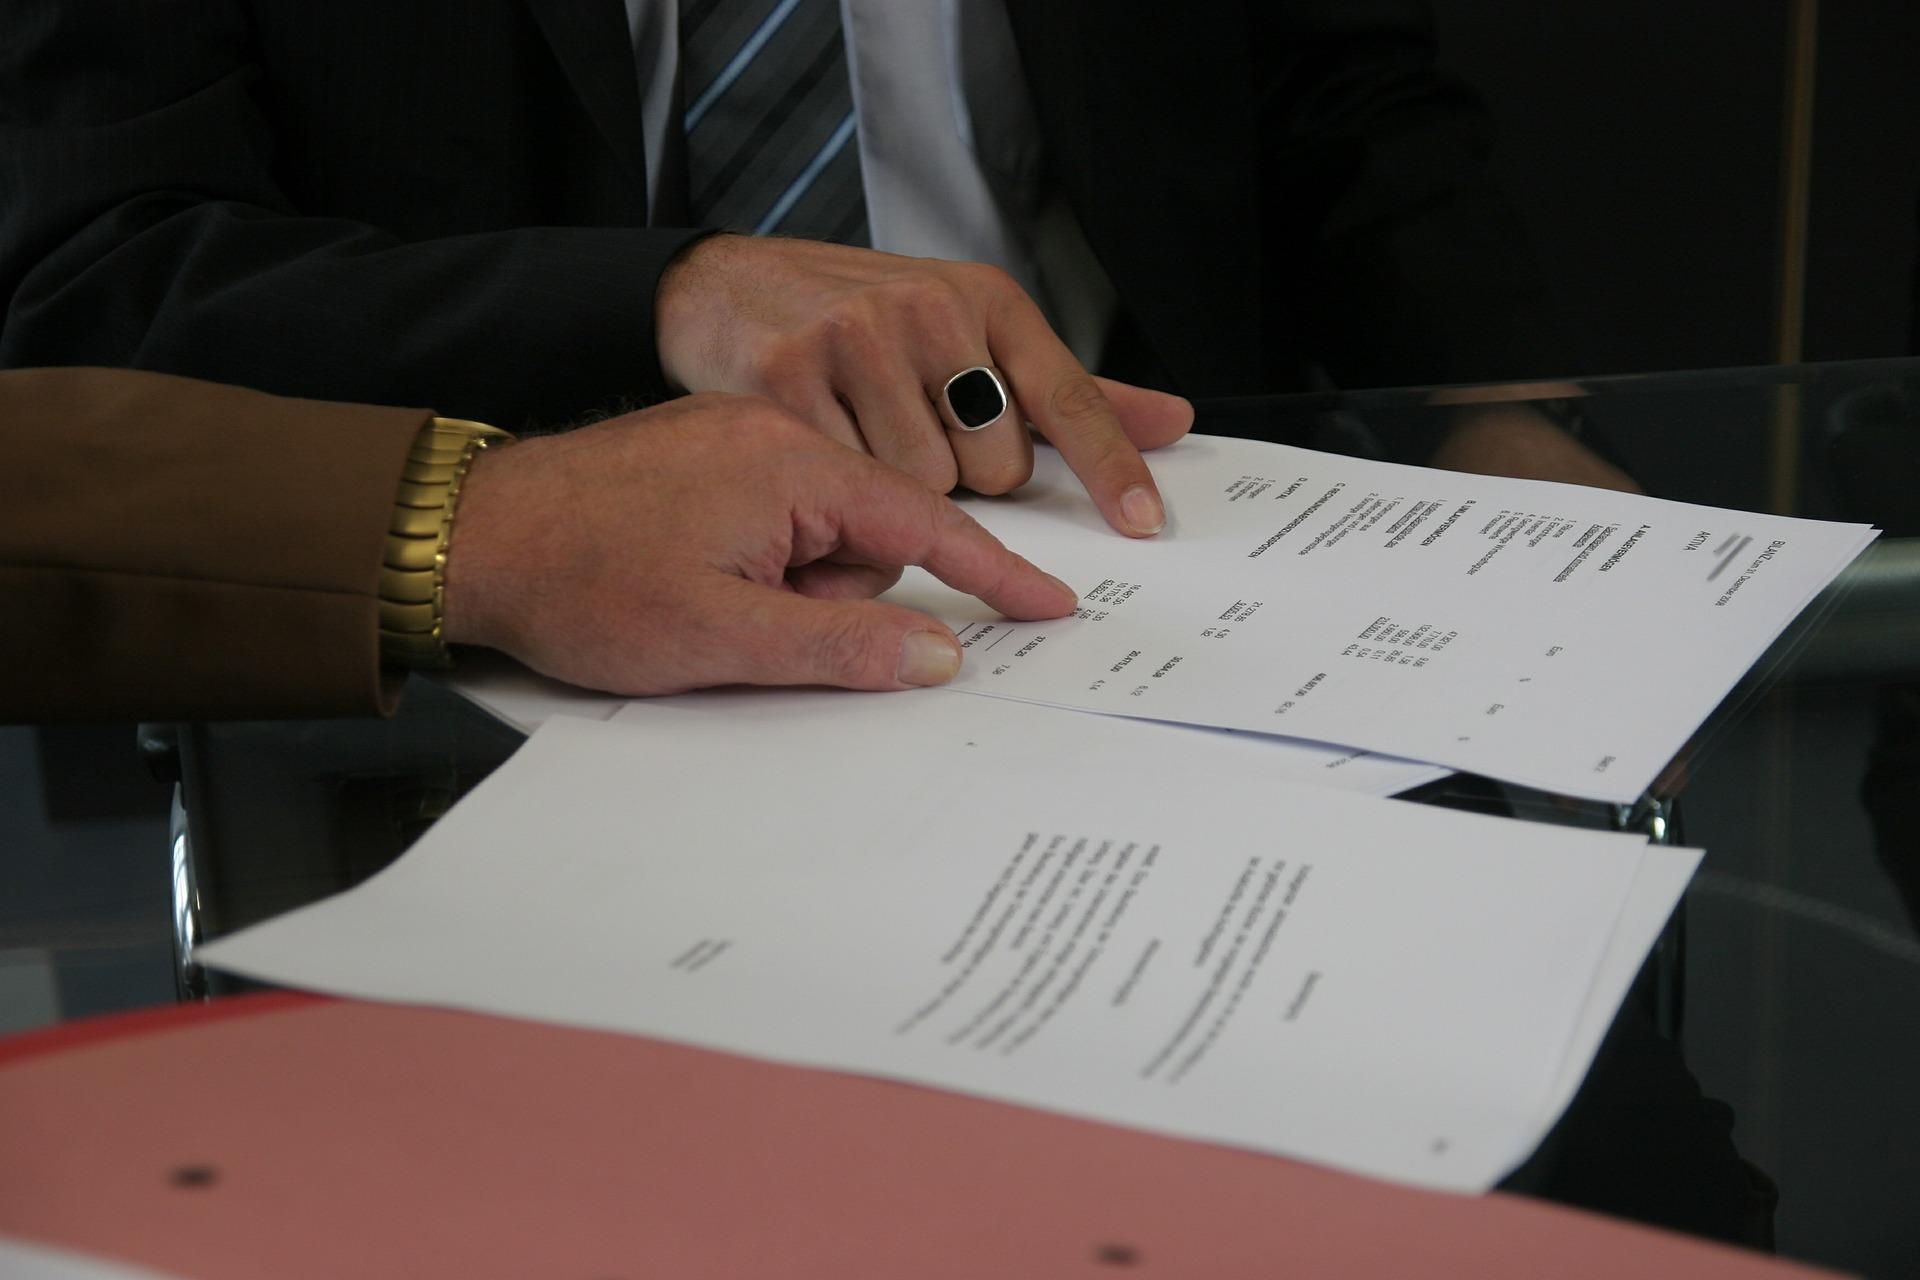 Il preventivo scritto: un nuovo obbligo professionale